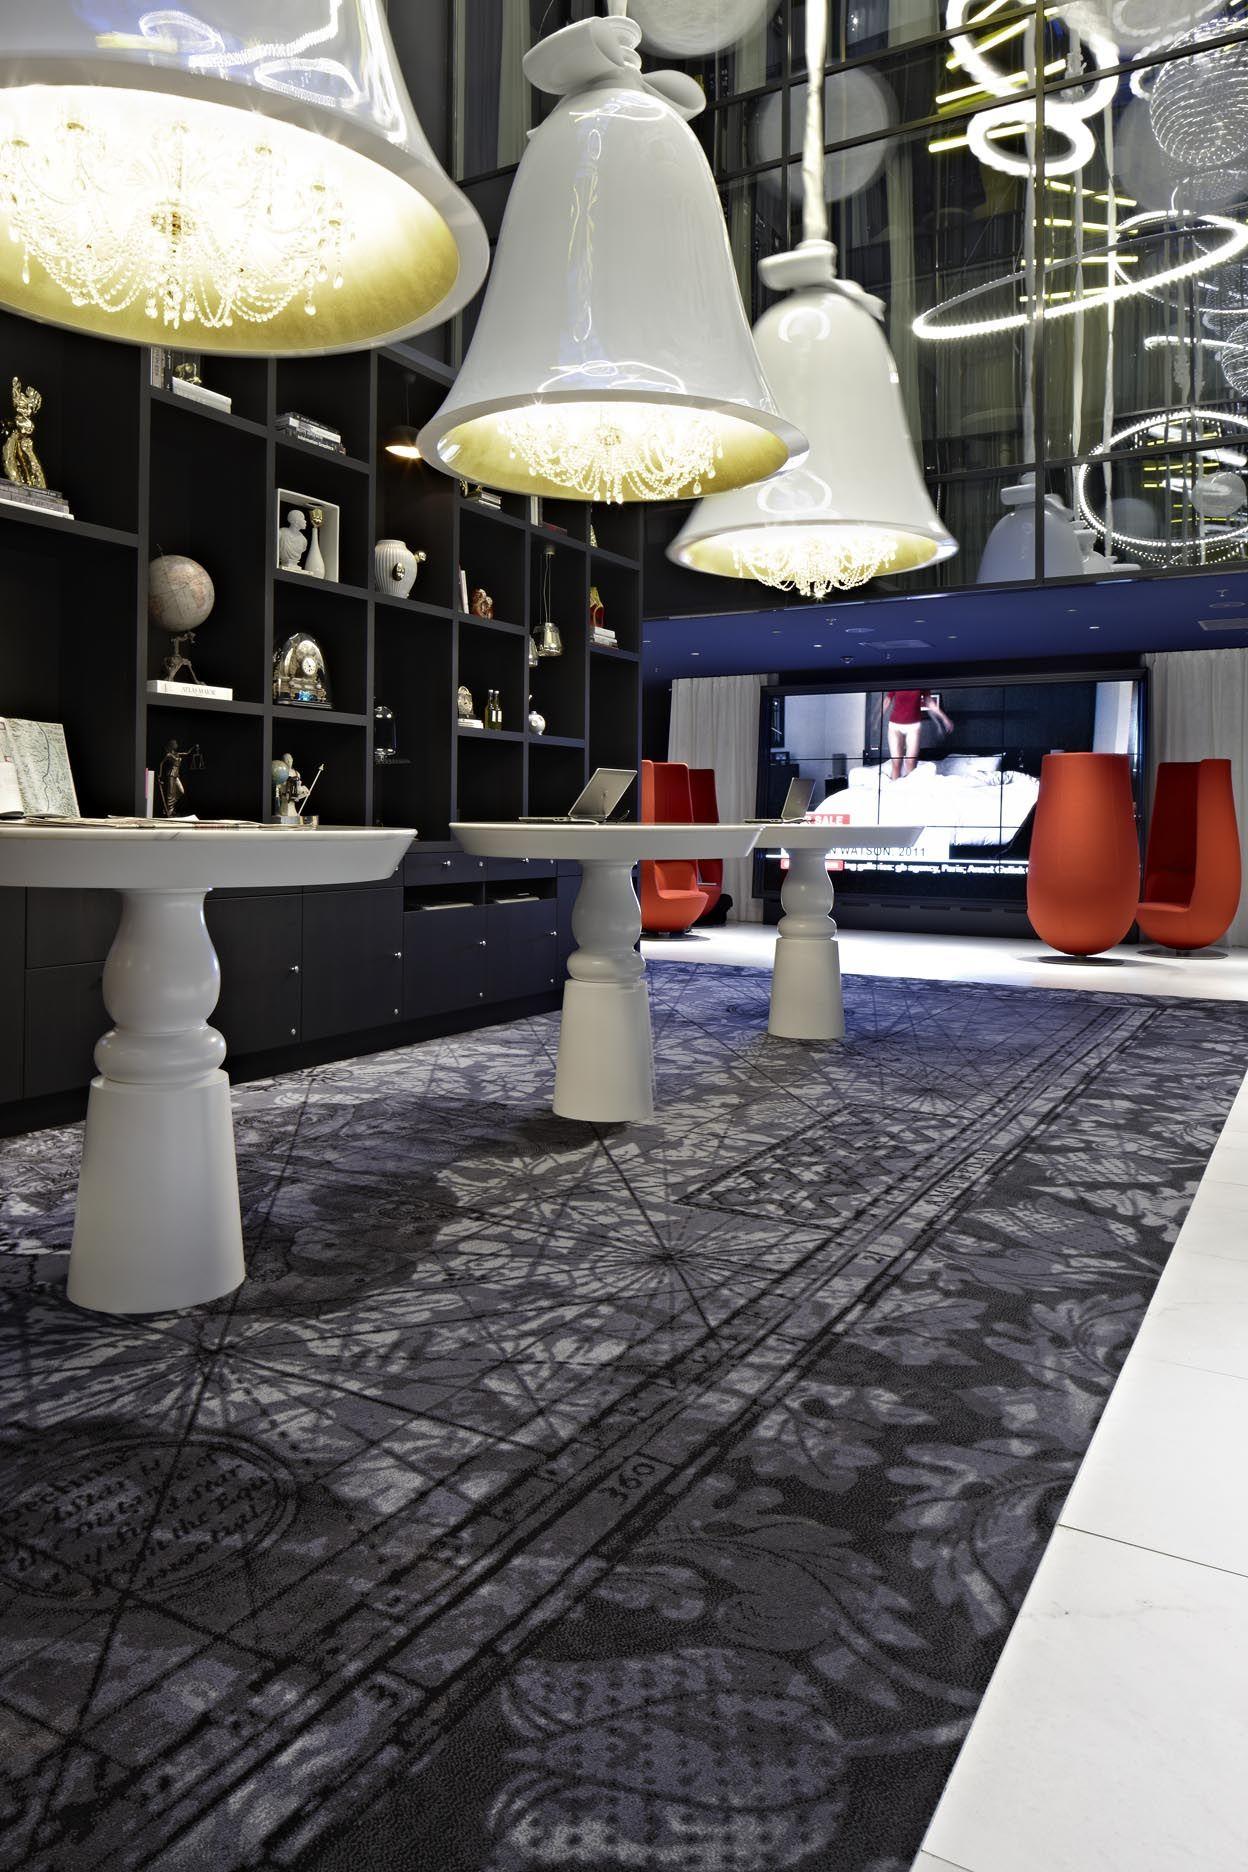 Hyatt andaz prinsengracht amsterdam spa design modern for Design hotel utah